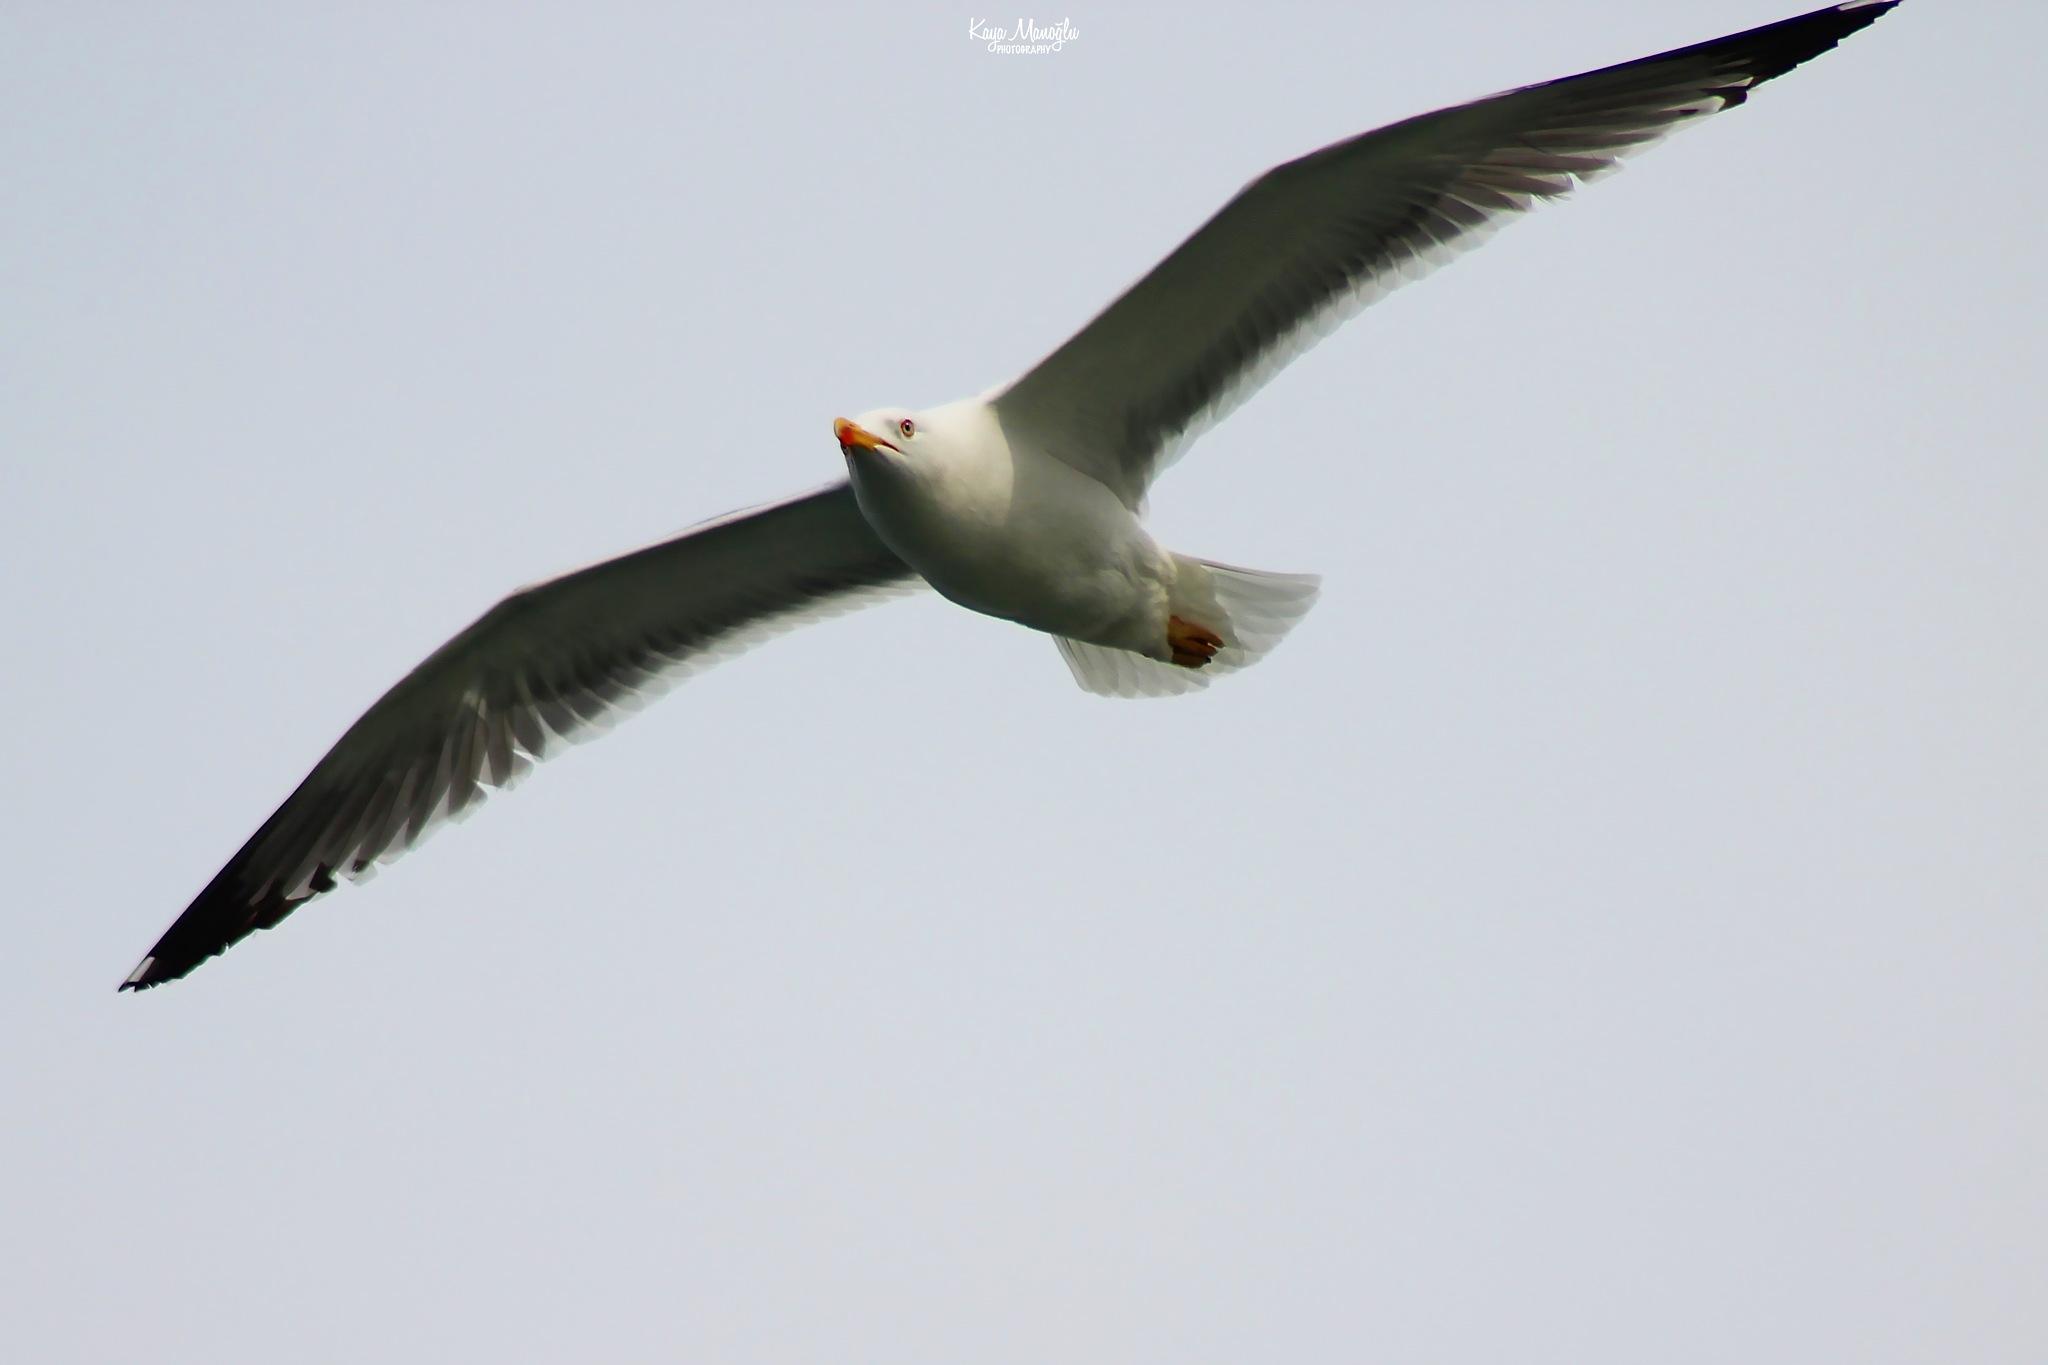 The Seagull by Kaya Manoglu